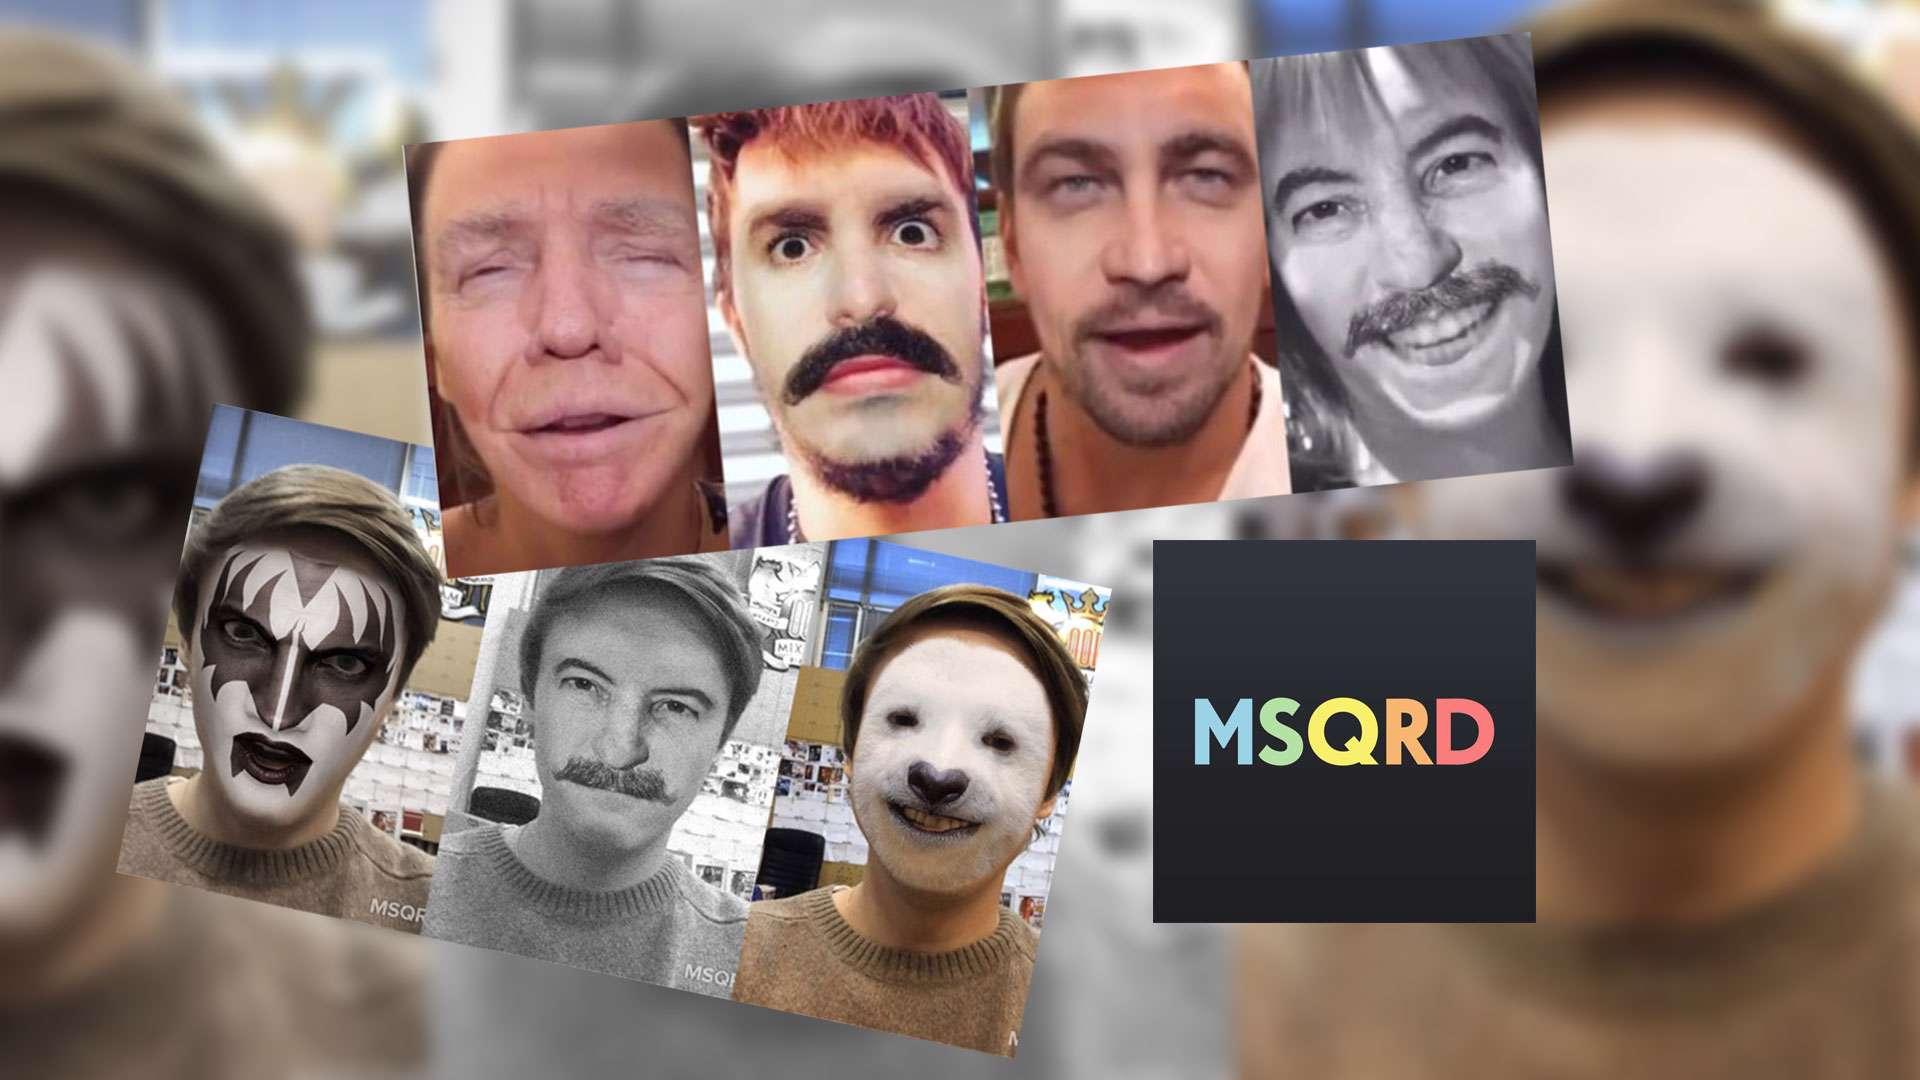 دانلود برنامه عکاسی و فیلم برداری با افکت های بسیار جالب MSQRD 1.6.4  برای آندروید